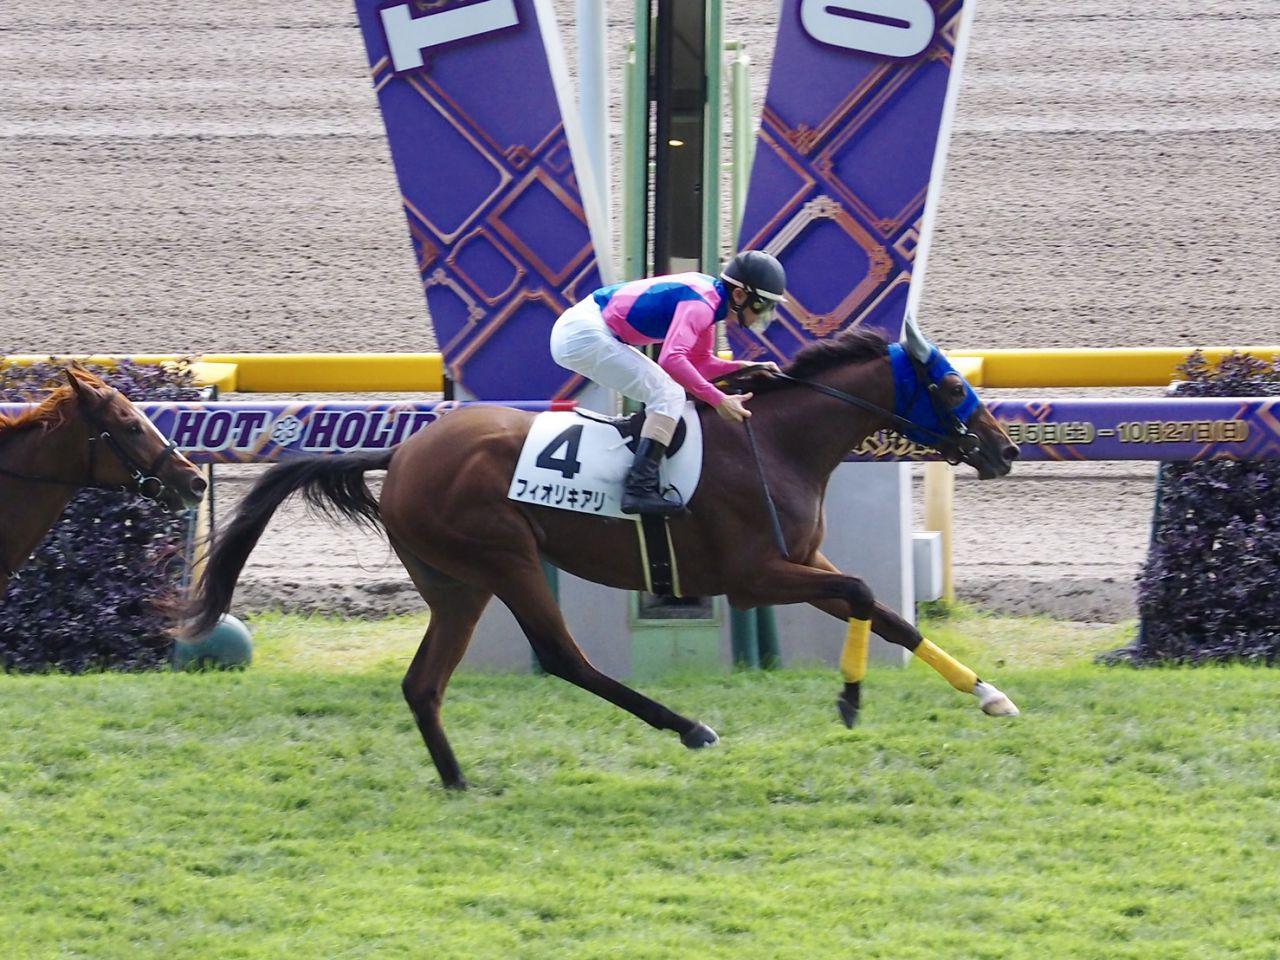 【新馬/東京4R】フィオリキアリがデビュー勝ち!スパングルドスターは大敗